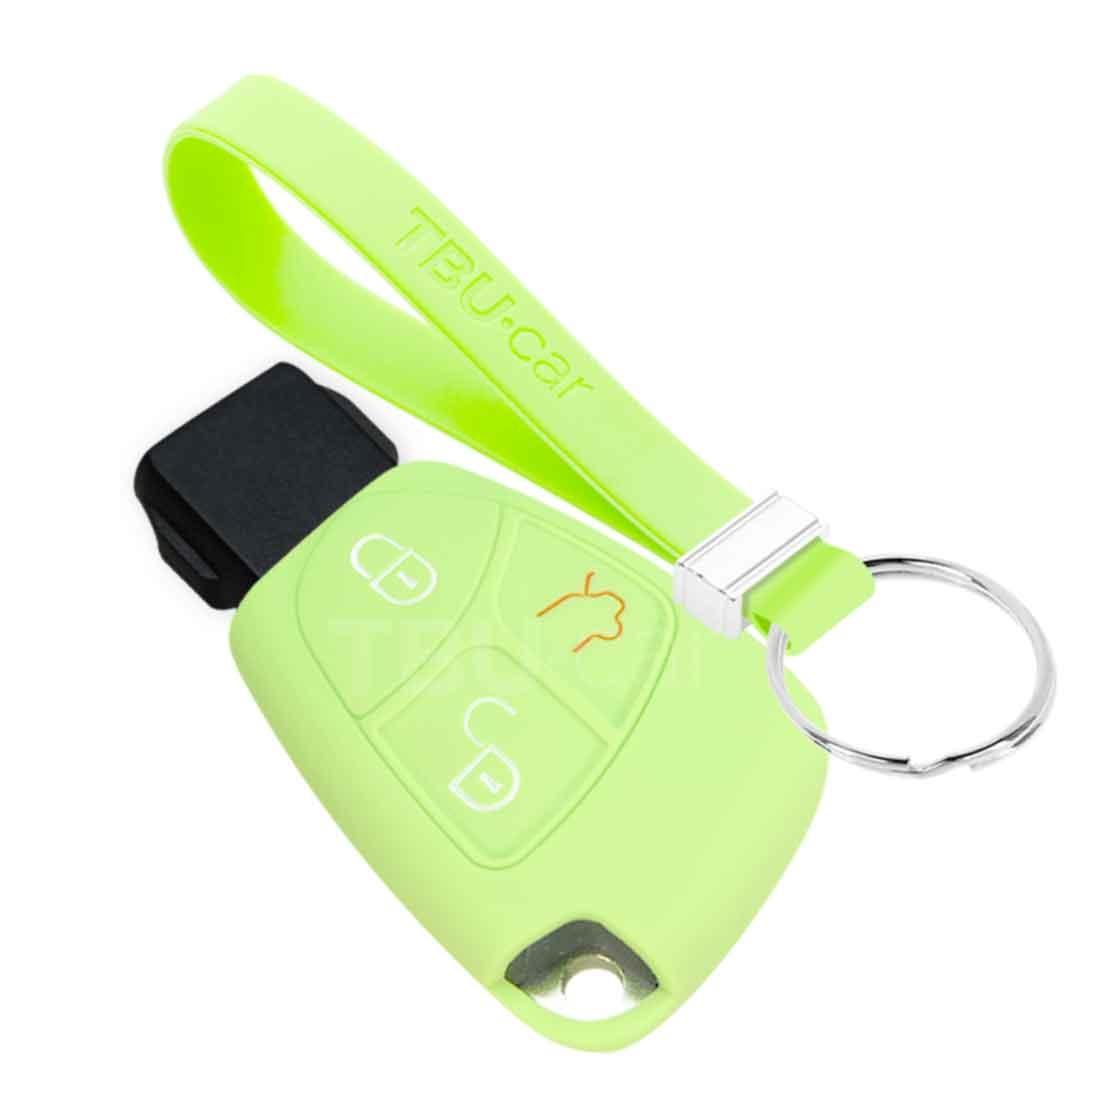 TBU car TBU car Sleutel cover compatibel met Mercedes - Silicone sleutelhoesje - beschermhoesje autosleutel - Glow in the Dark